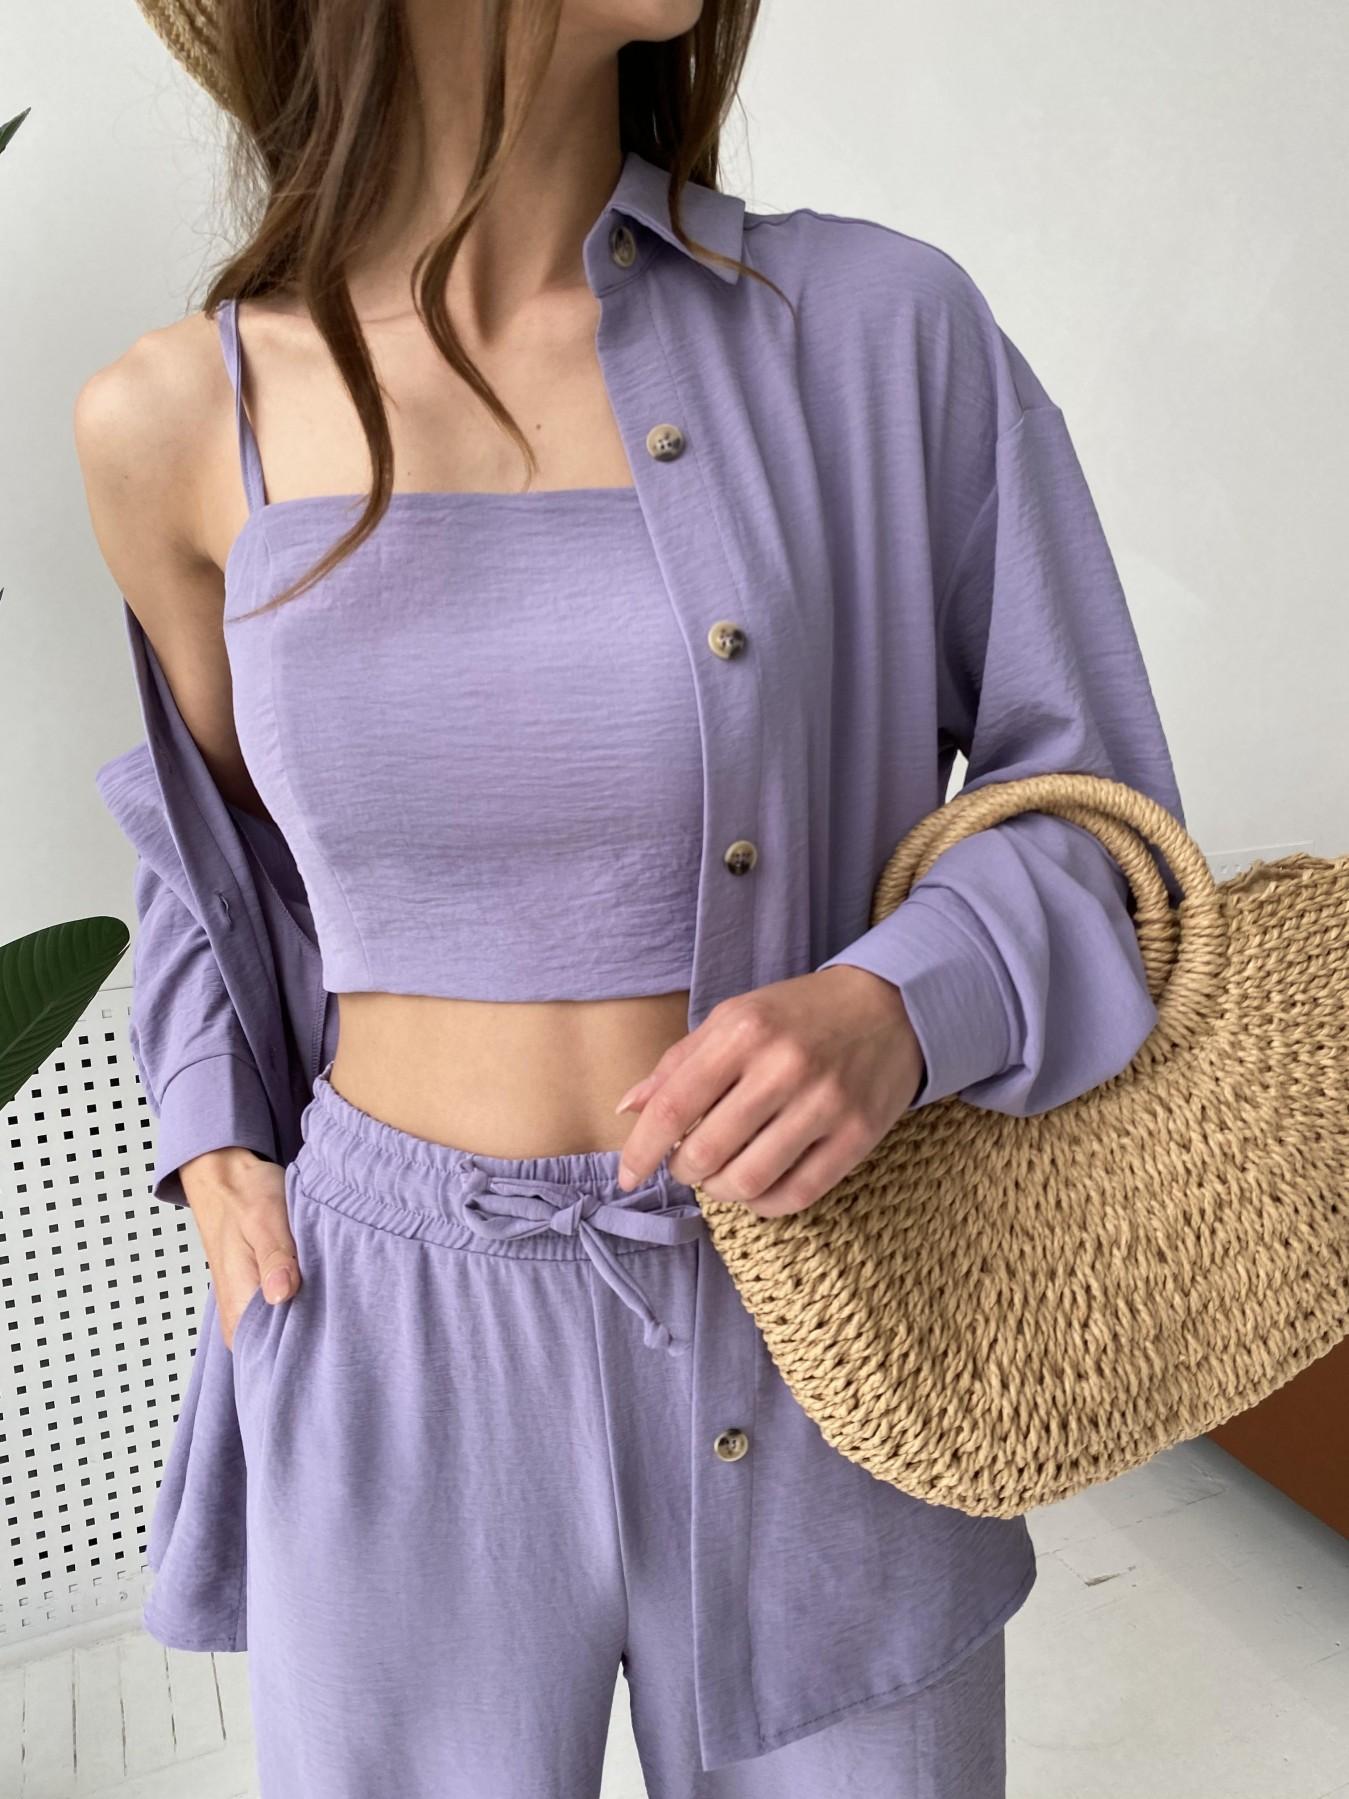 Квадро костюм американский из ткани креп (4 ед) 11303 АРТ. 47944 Цвет: Лаванда 2 - фото 8, интернет магазин tm-modus.ru